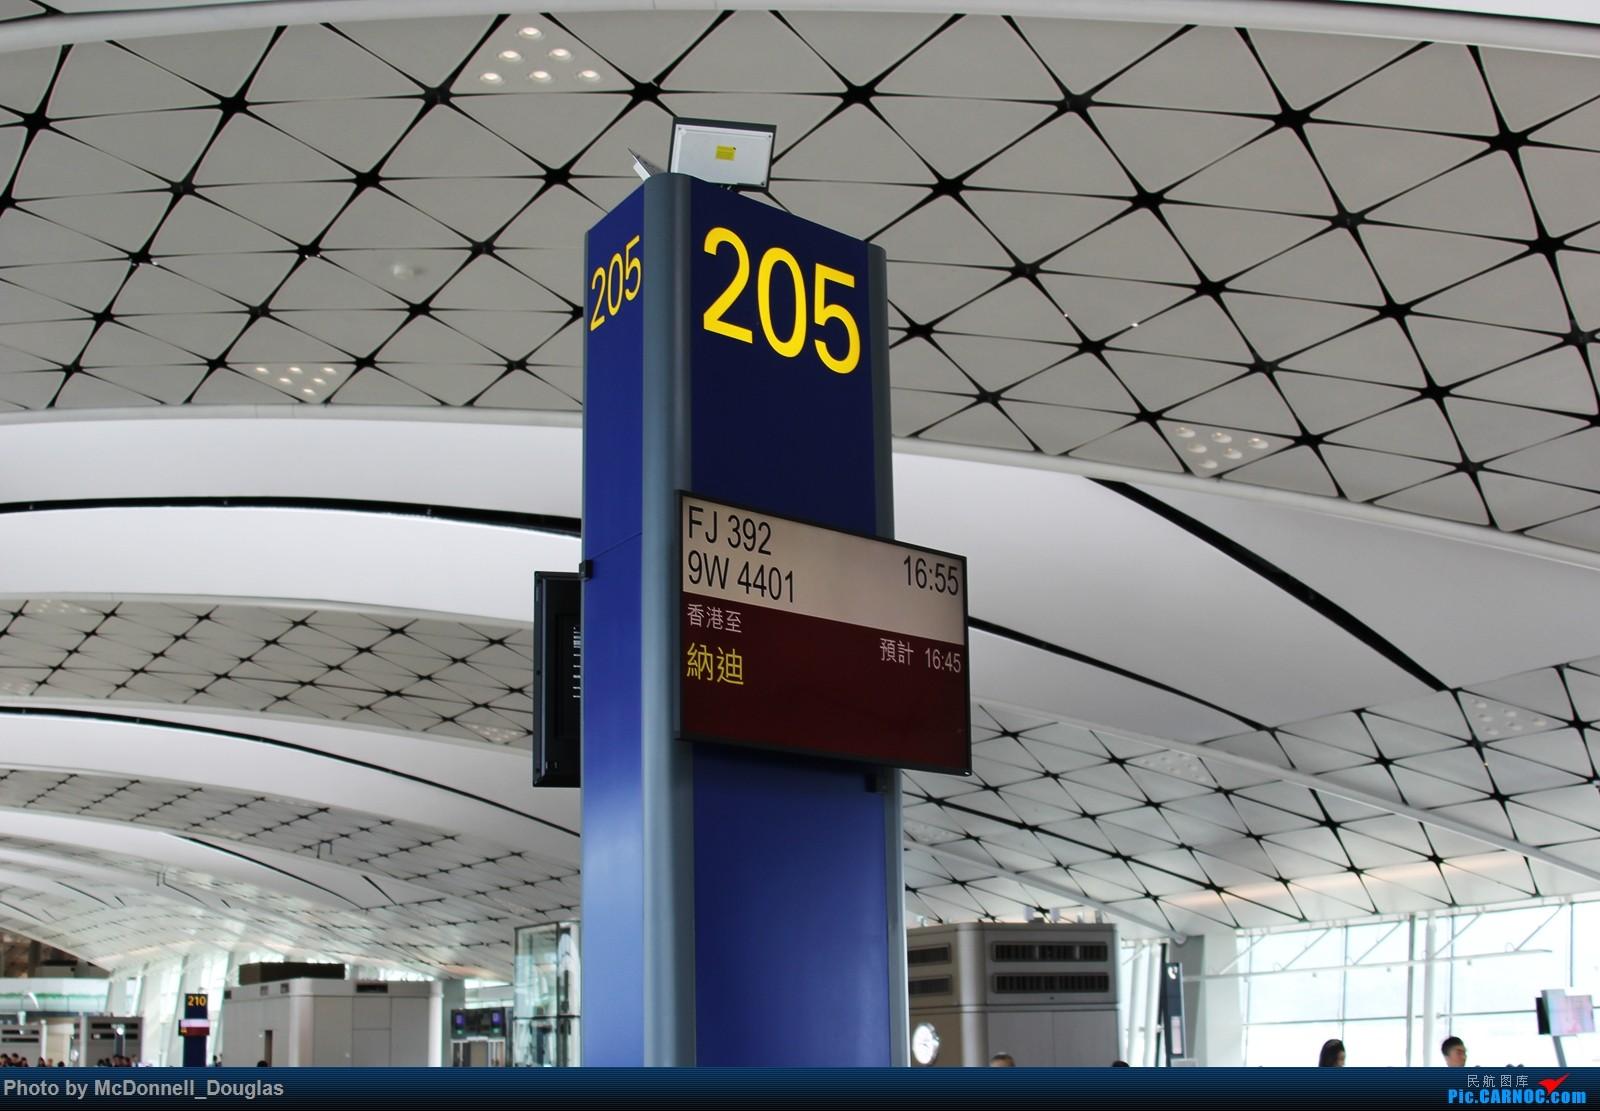 Re:[原创]【上海飞友会】【zc带你游天下(5)】起意只因一时冲动,飞过赤道去避暑,领略南太平洋别样的风光    中国香港国际机场